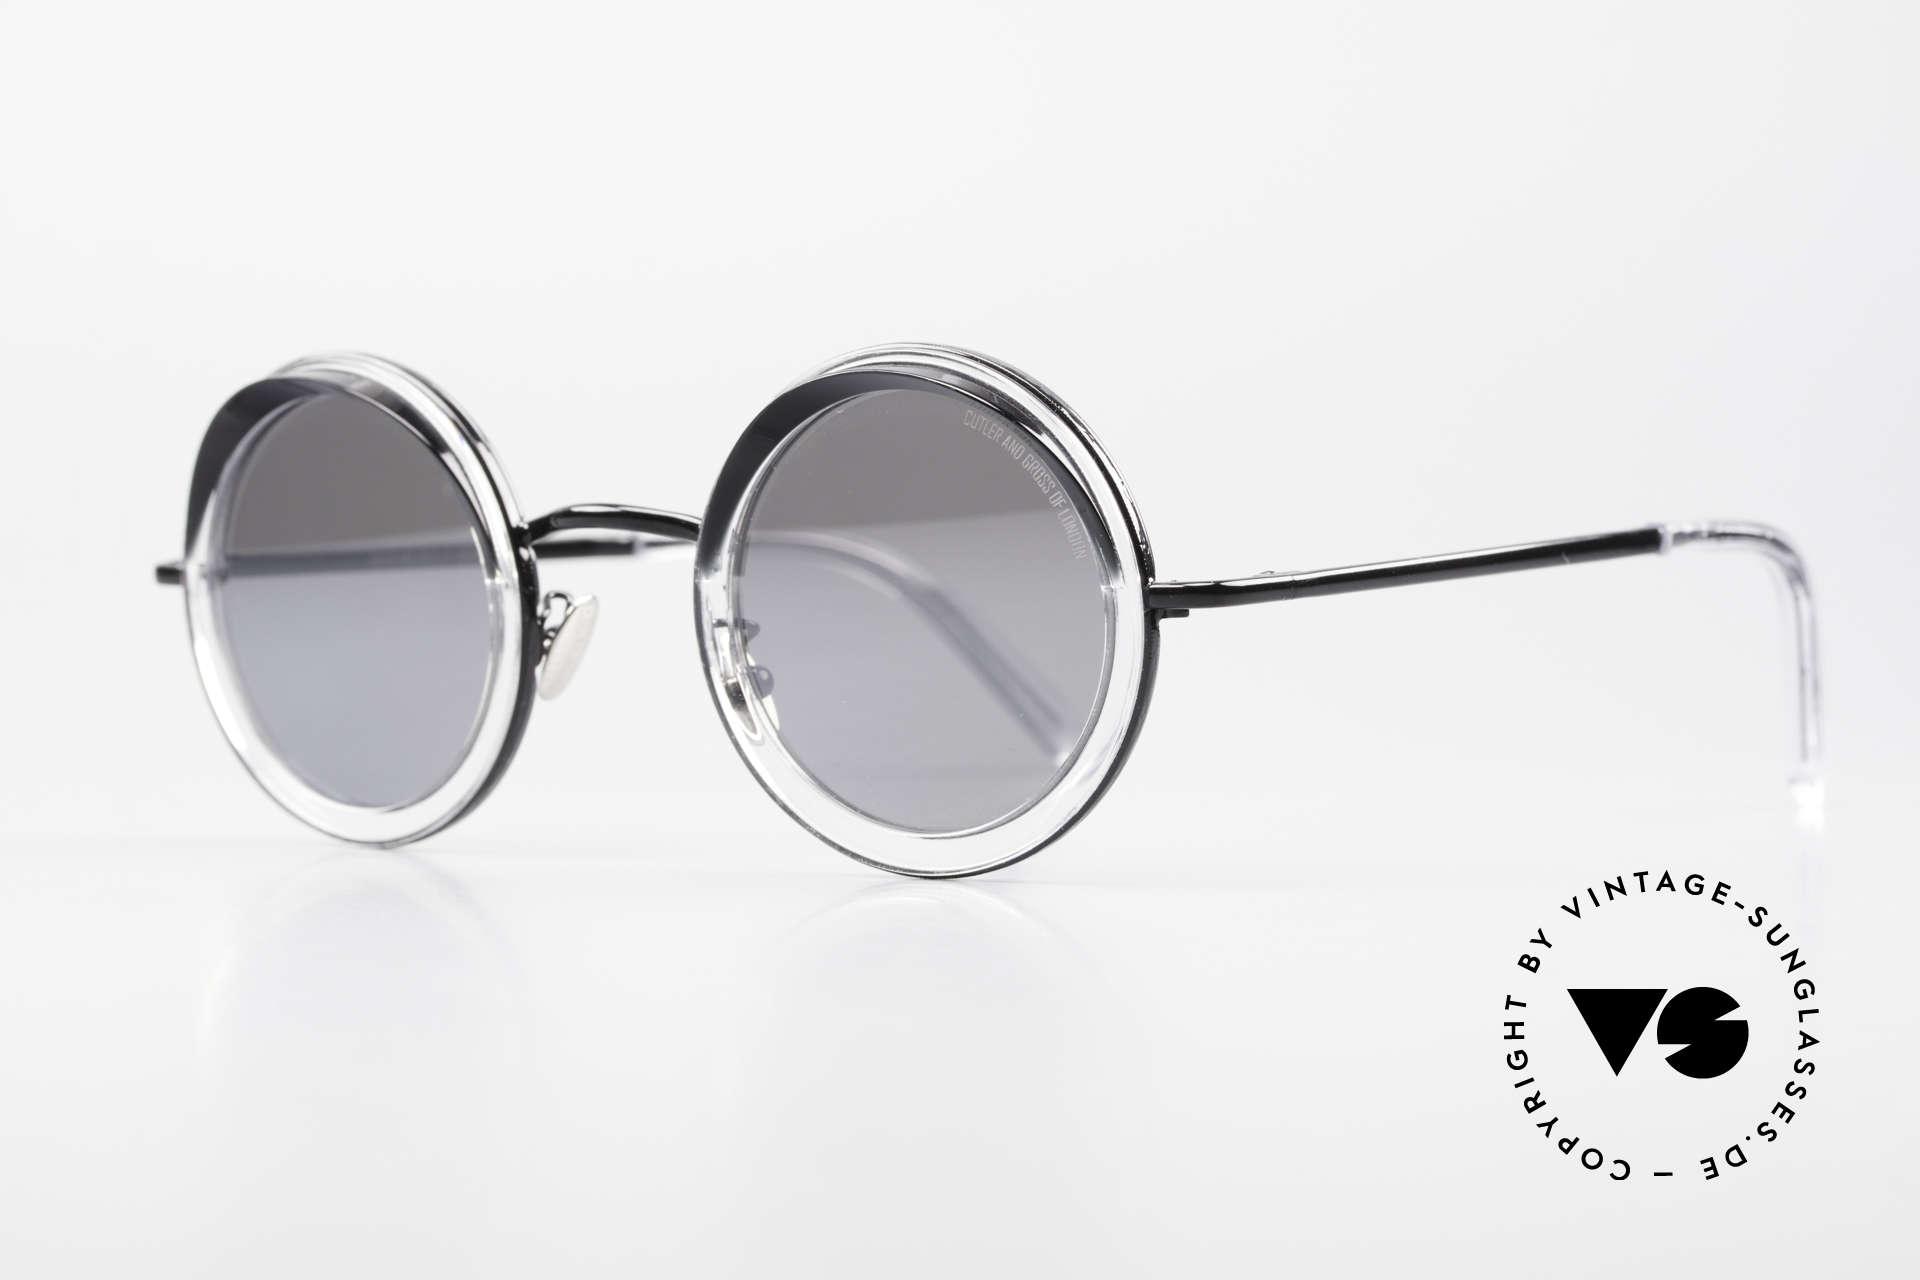 Cutler And Gross 1277 Runde Designer Sonnenbrille, silber verspiegelte Gläser (100% UV); in Größe 44/28, Passend für Herren und Damen